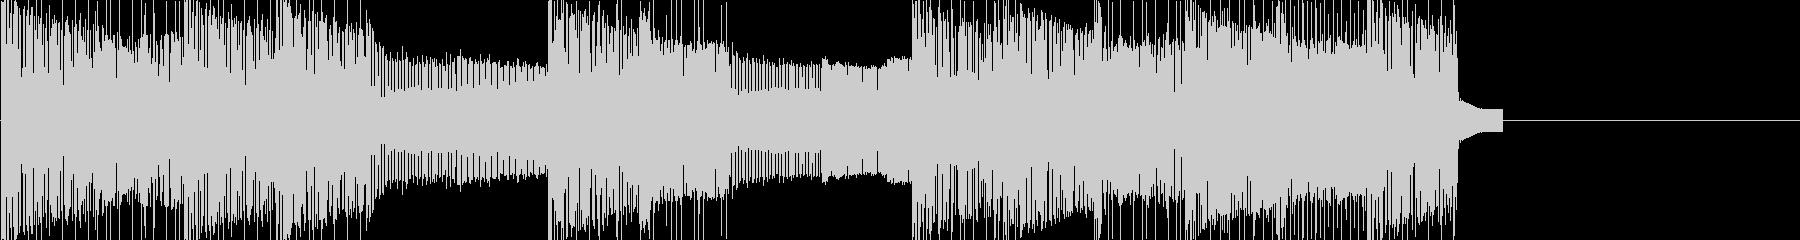 レトロゲームなチップチューンジングル23の未再生の波形